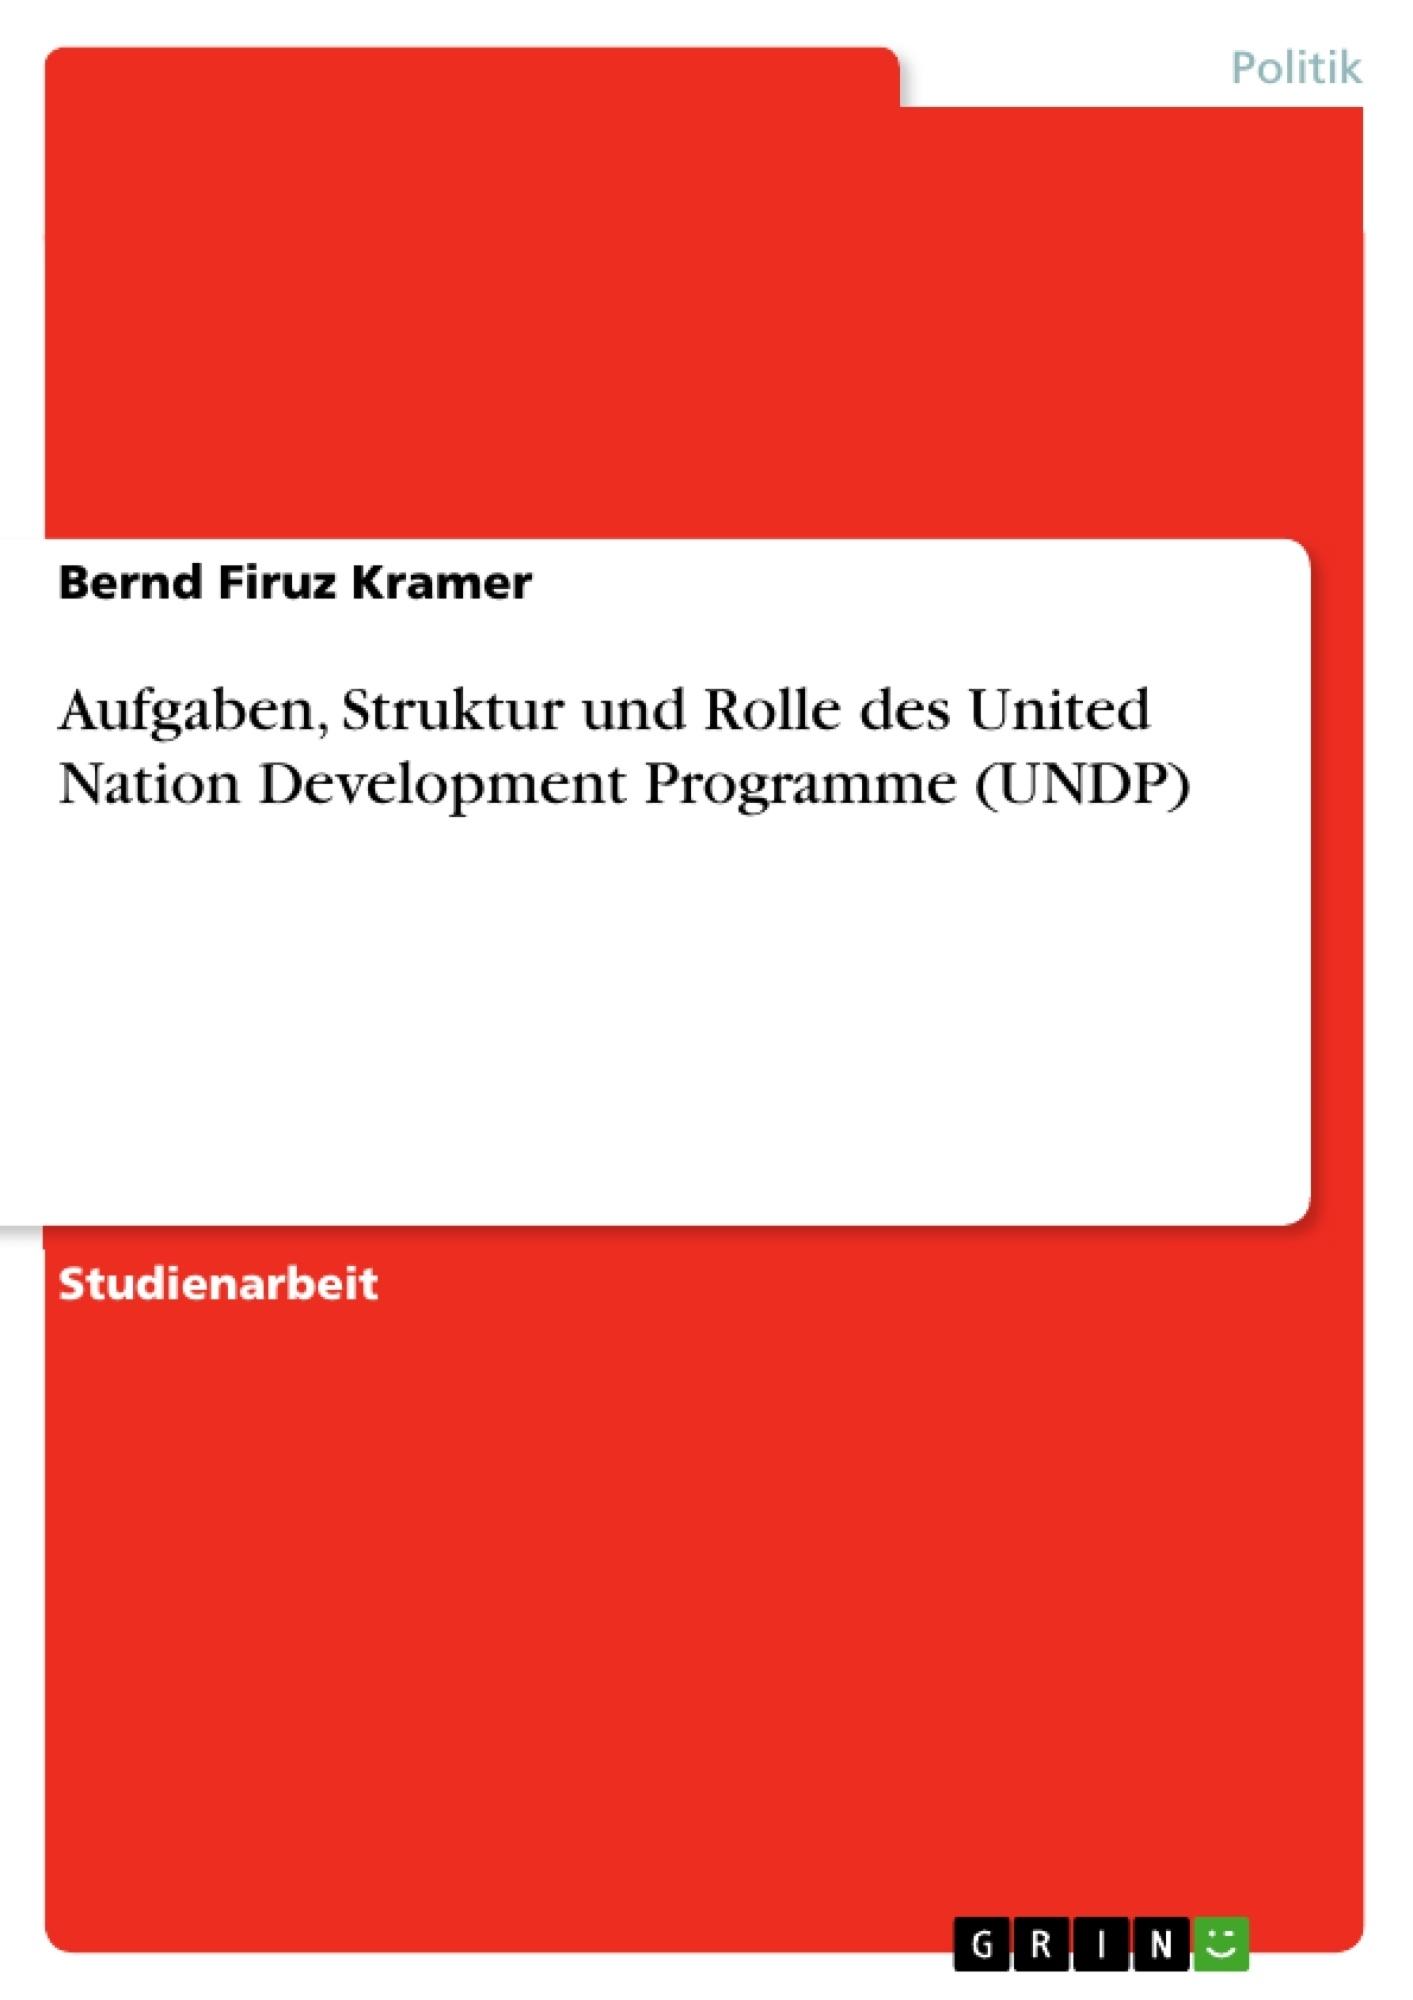 Titel: Aufgaben, Struktur und Rolle des United Nation Development Programme (UNDP)